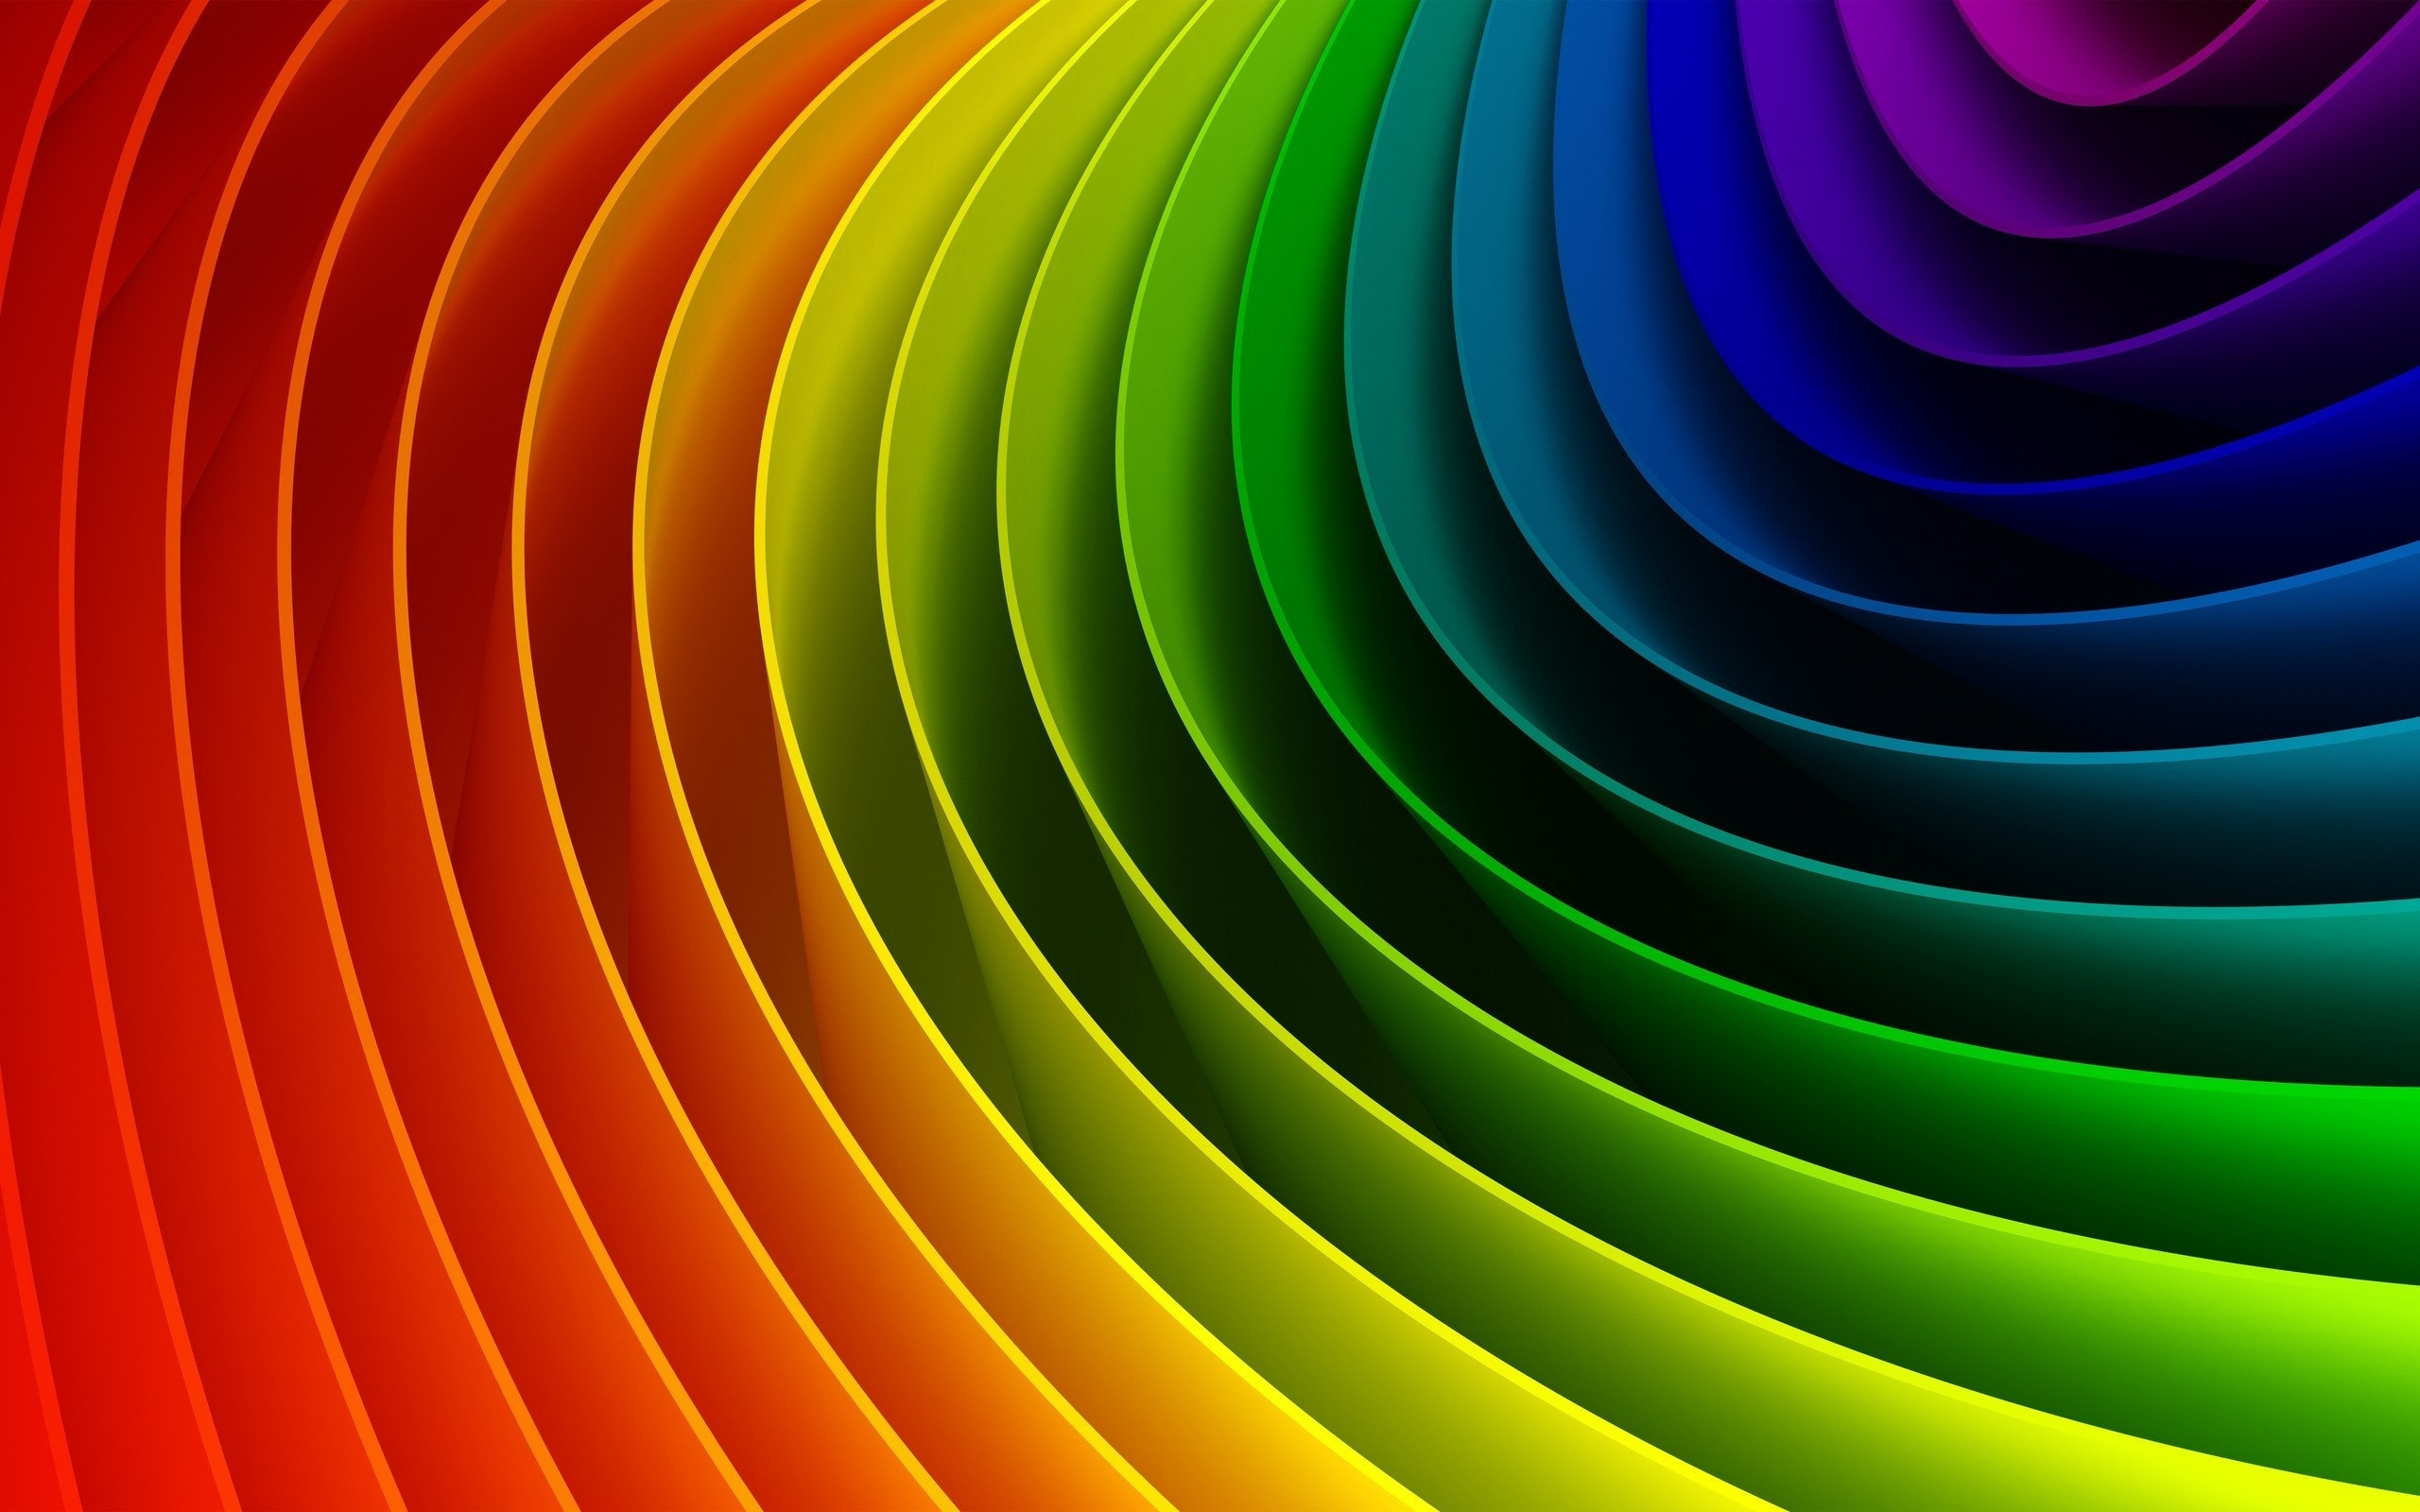 壁纸 弯曲缤纷的彩虹 2560x1600 Hd 高清壁纸 图片 照片